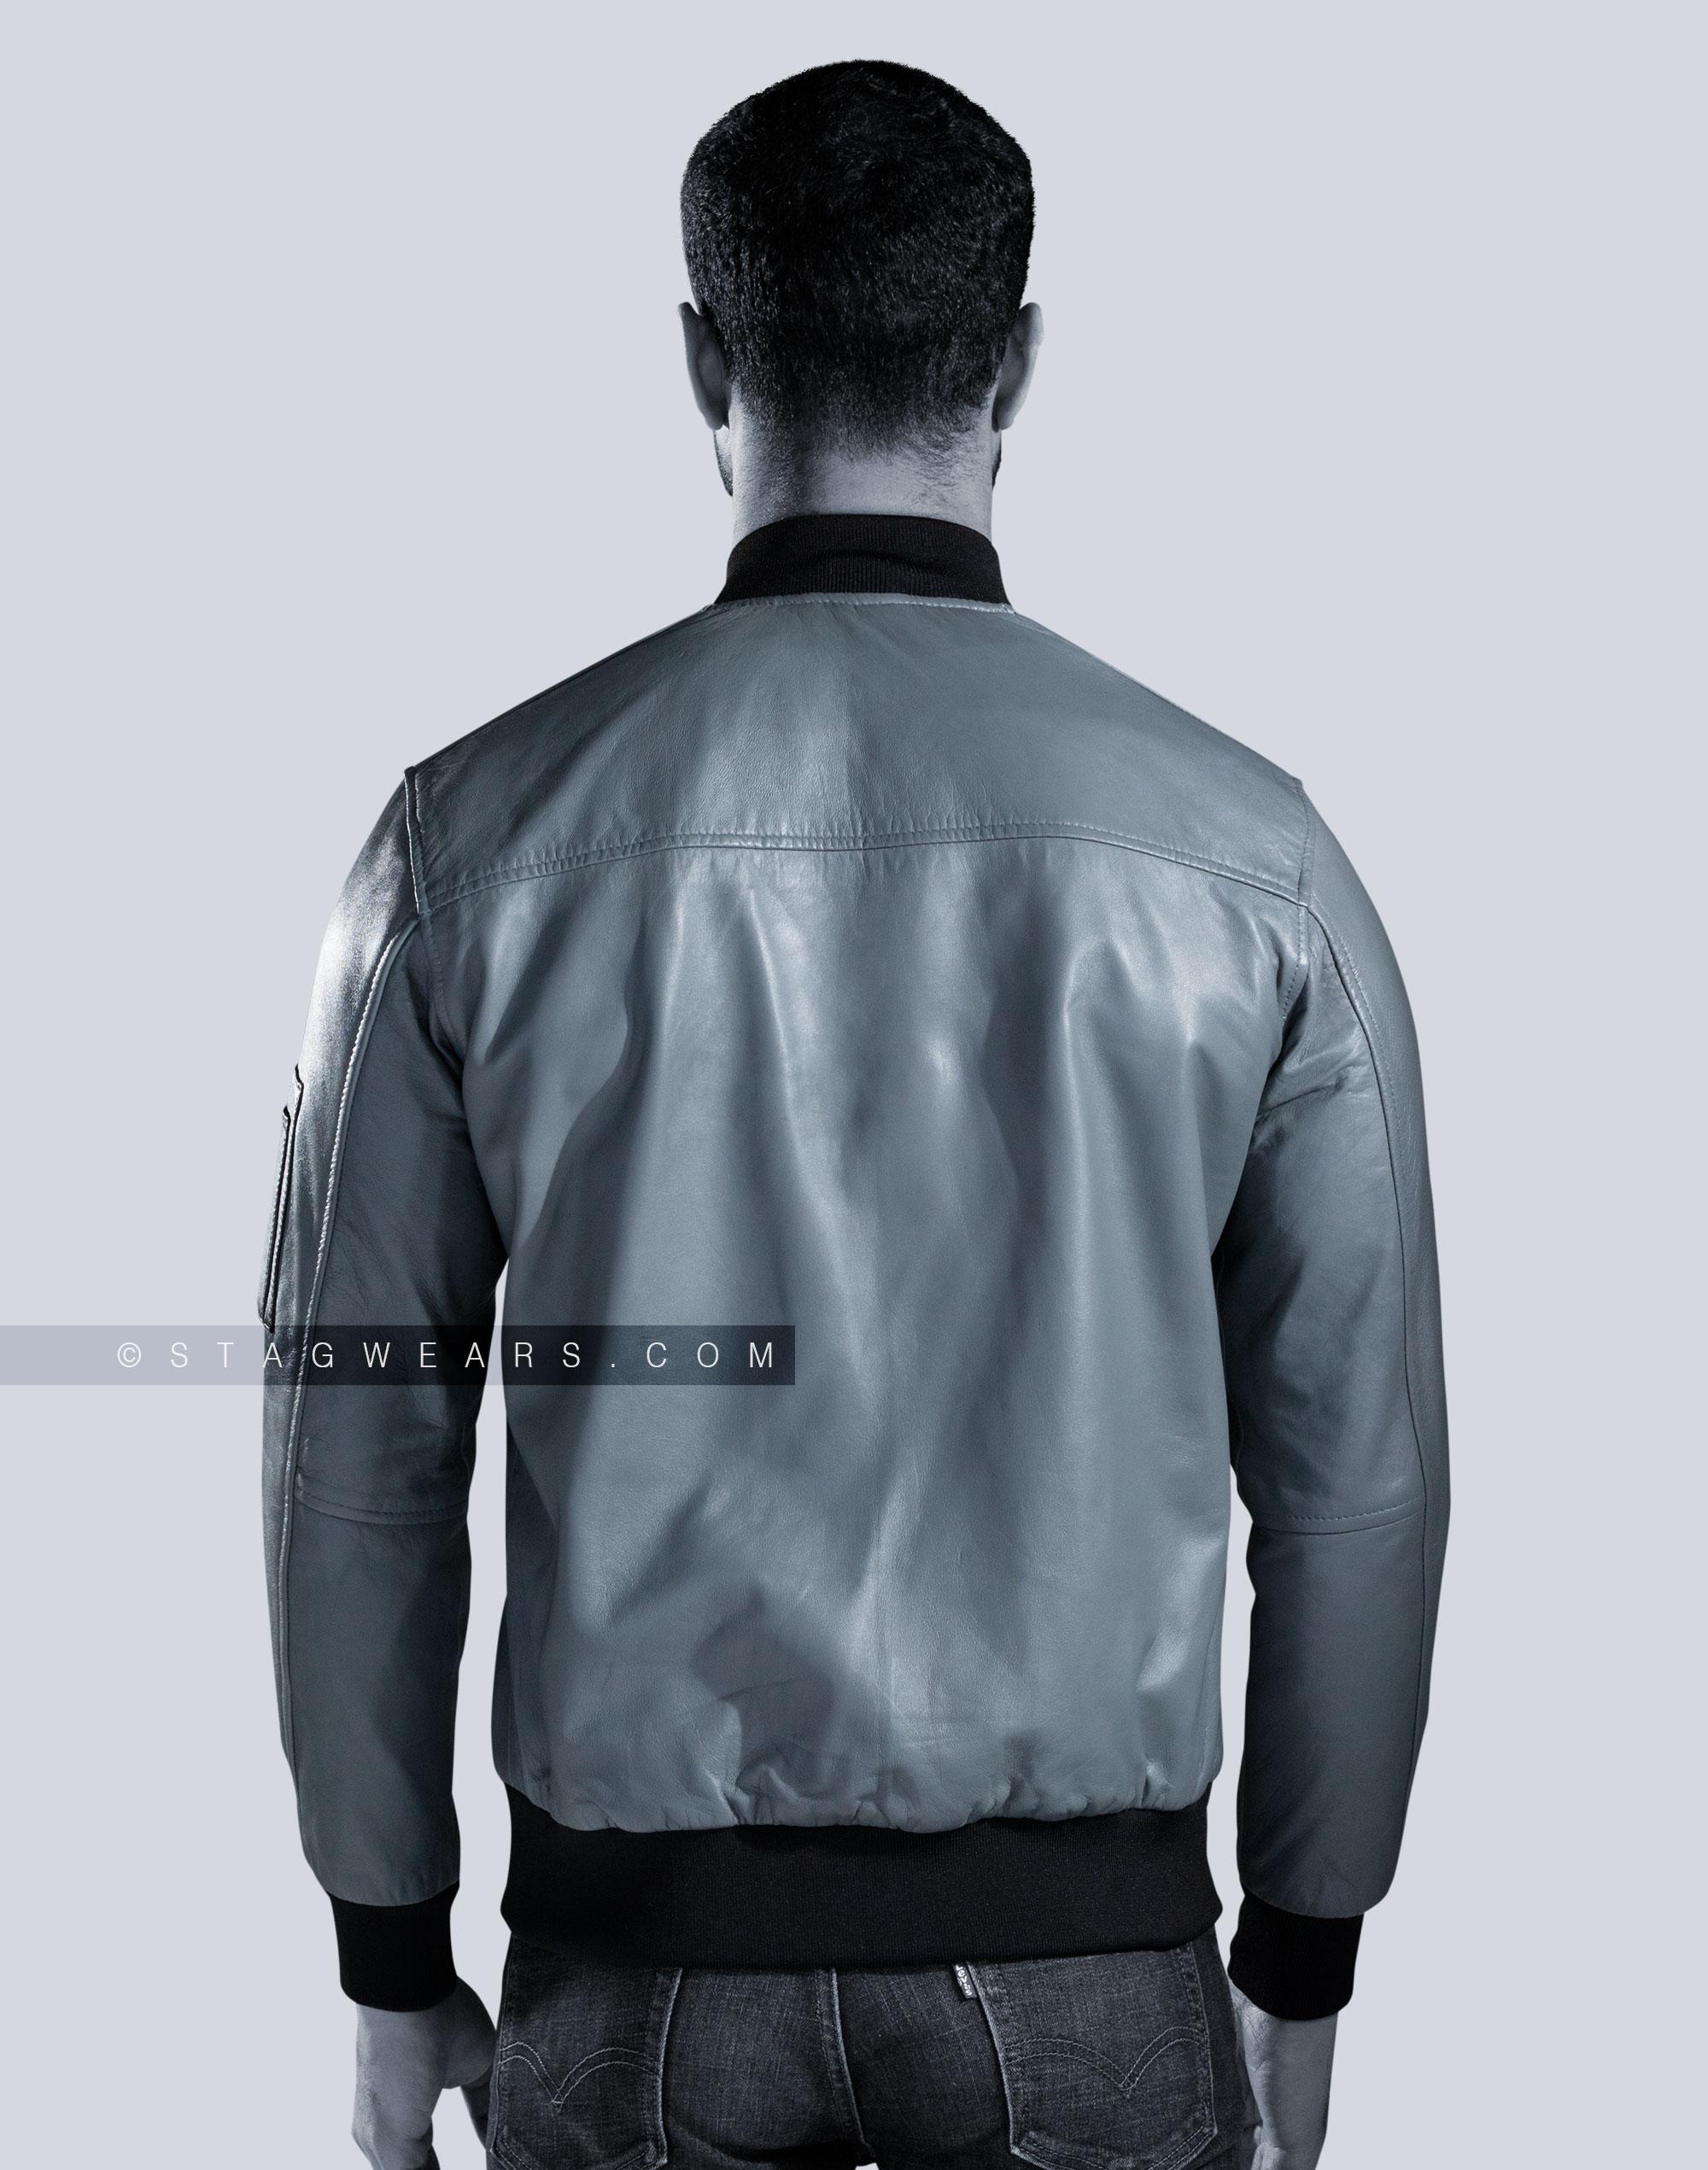 Custom Leather Bomber Jackets Custom Bomber Jackets No